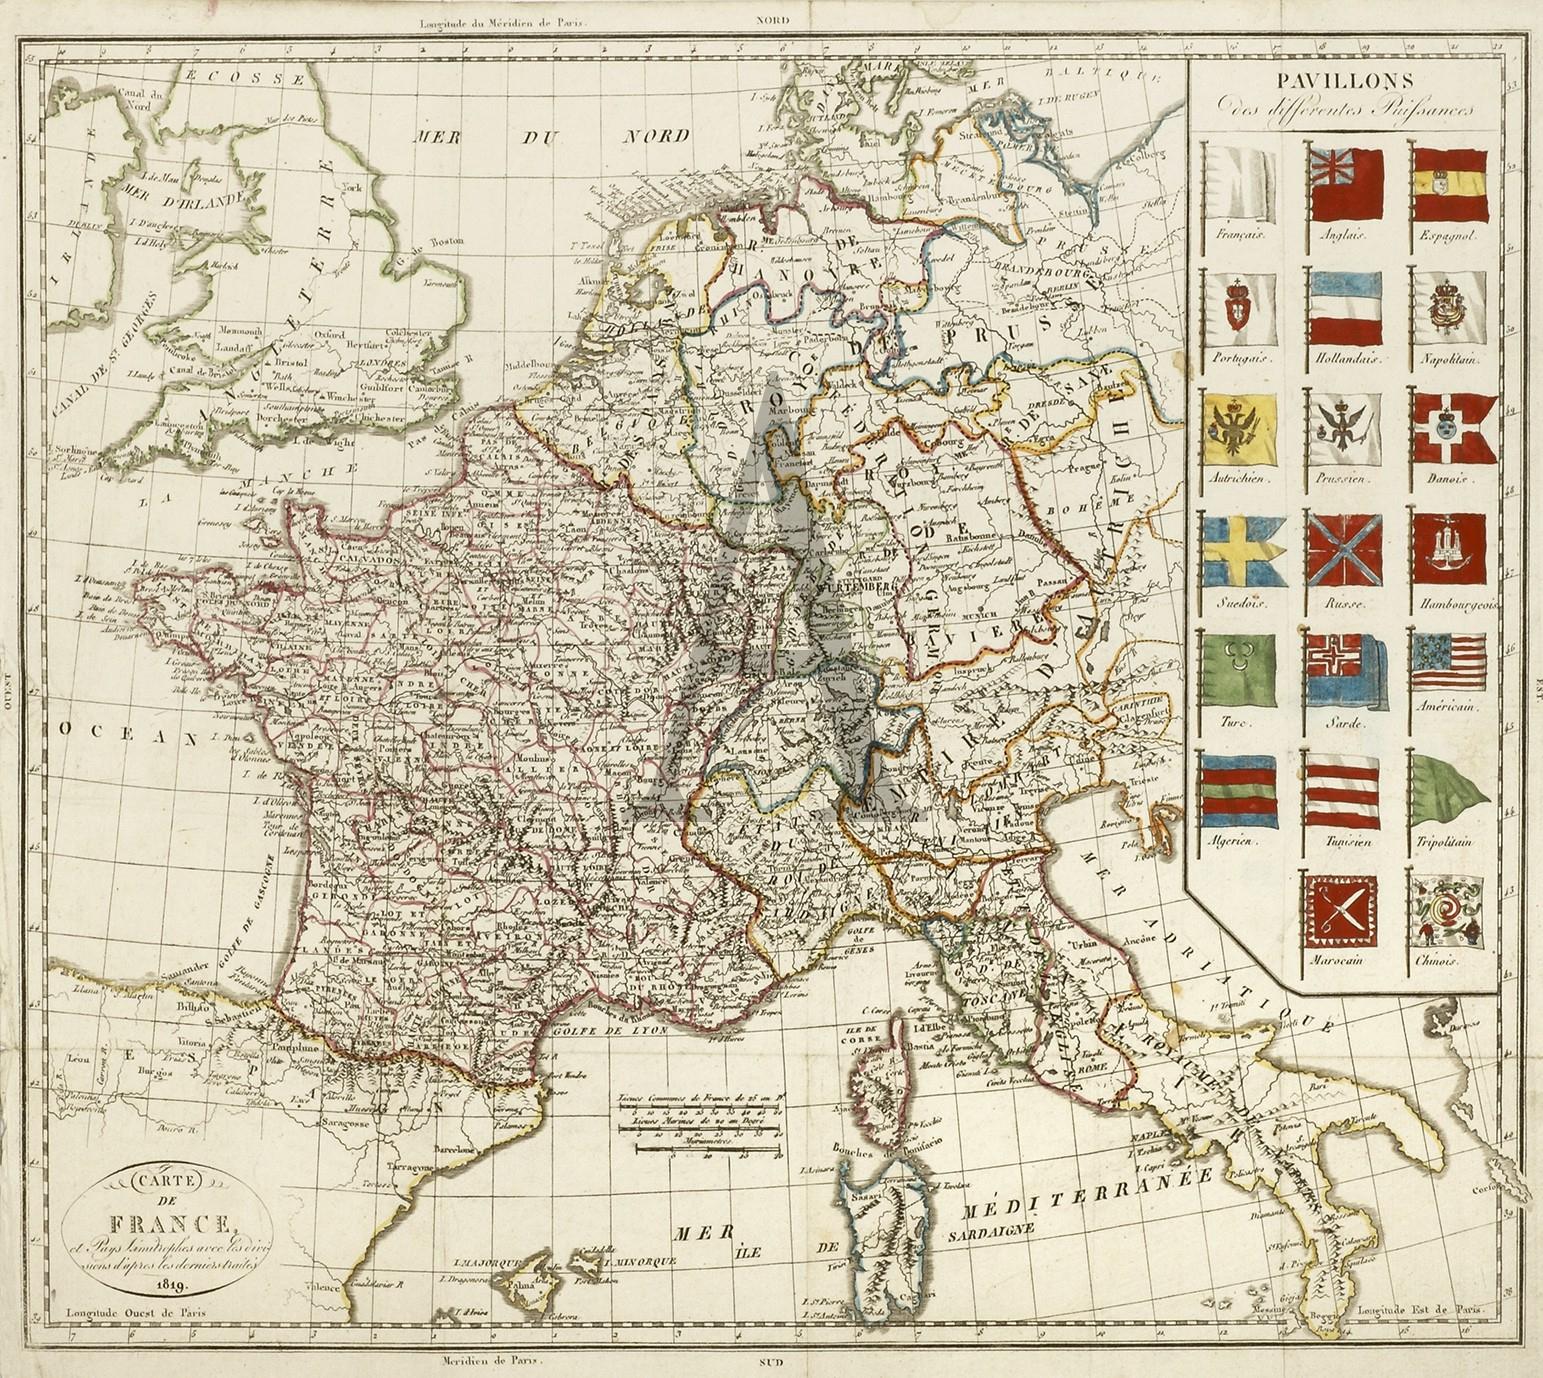 Carte De France Et Puys Simitrophes Avec Les Divisions D intérieur Carte De Fra